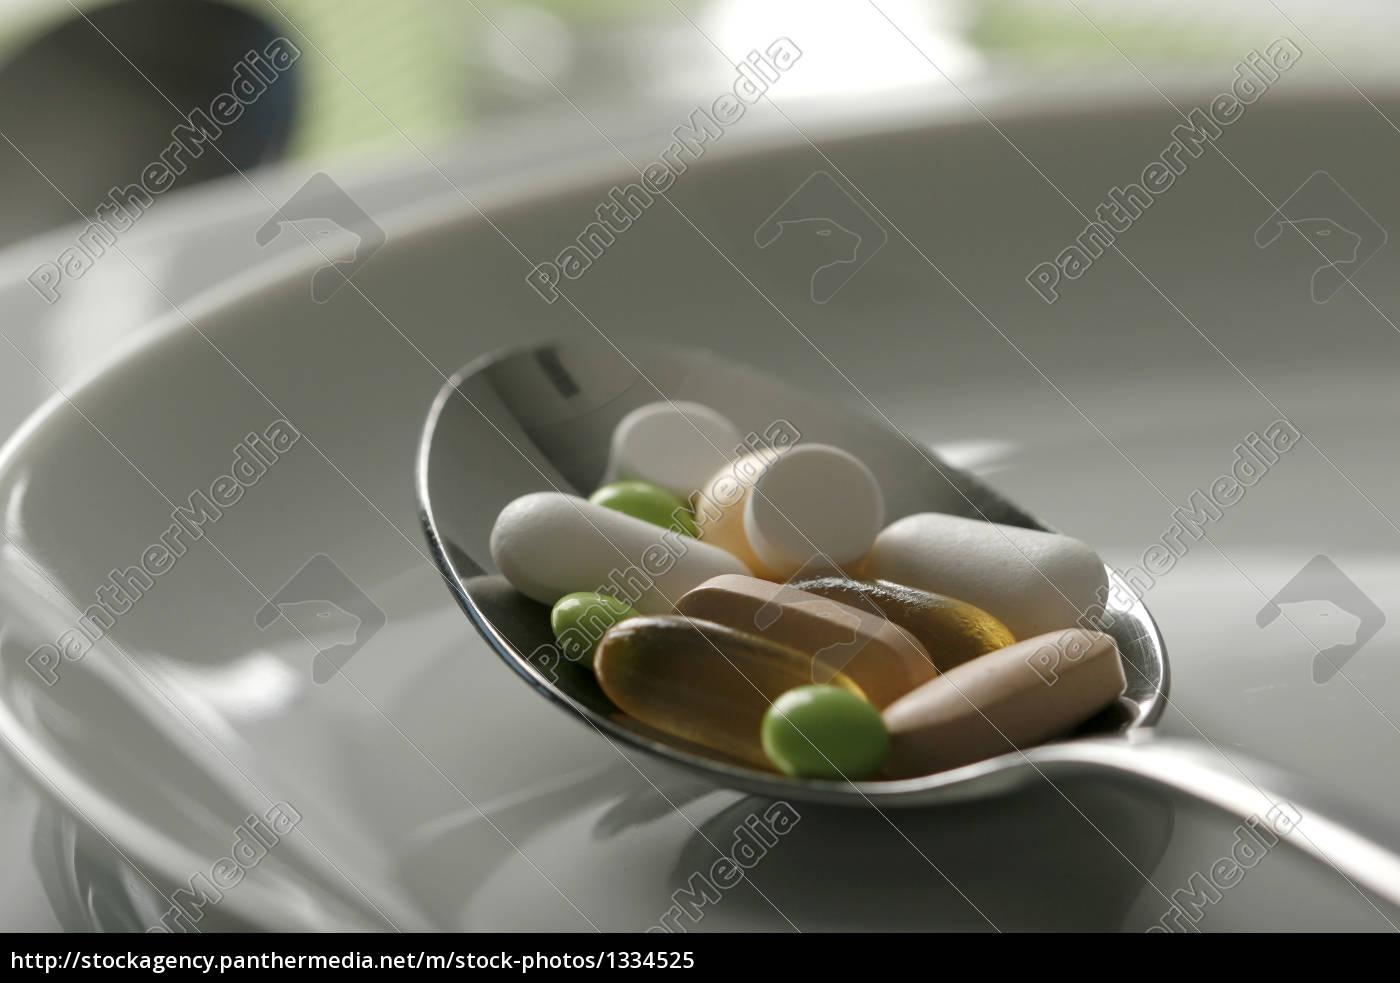 tabletten4 - 1334525